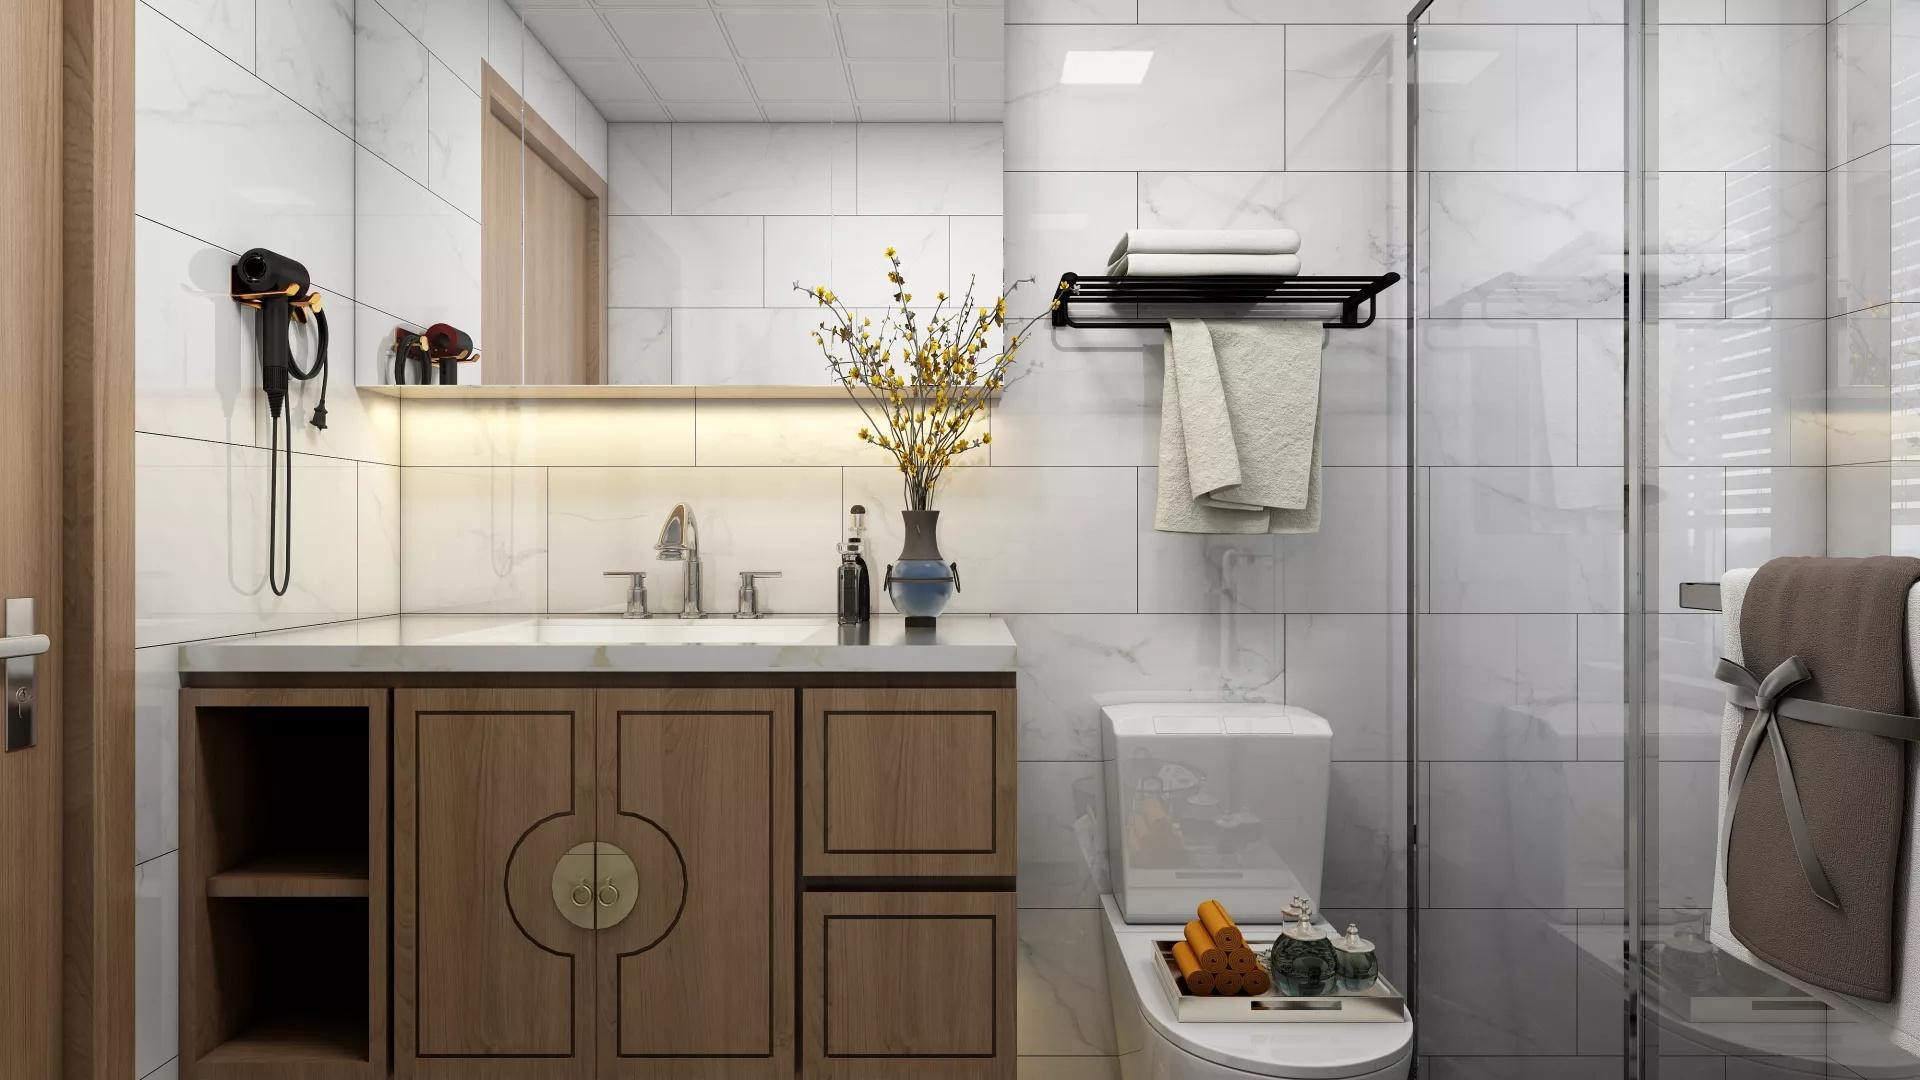 厨房橱柜选购的8条建议 橱柜高度最重要!